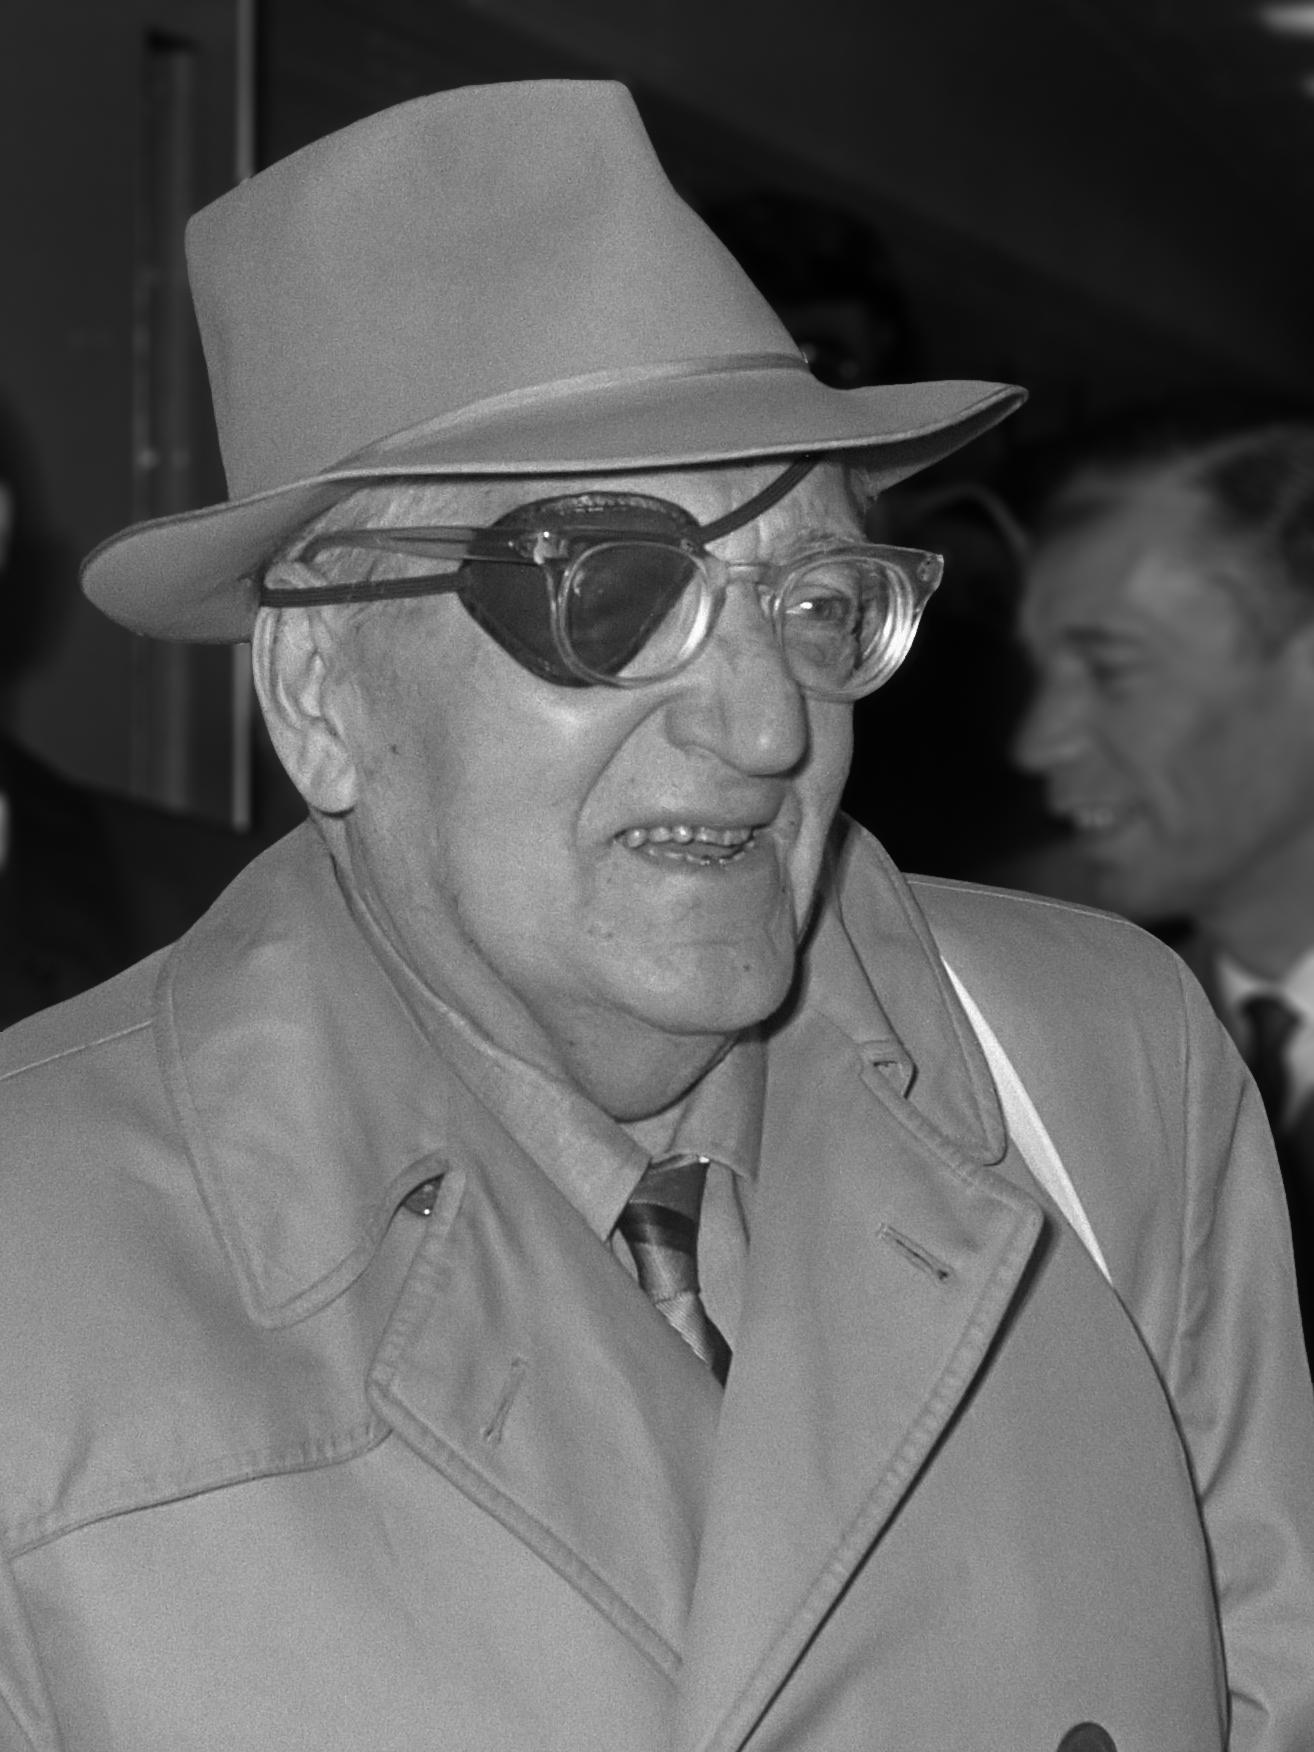 Lang in 1969